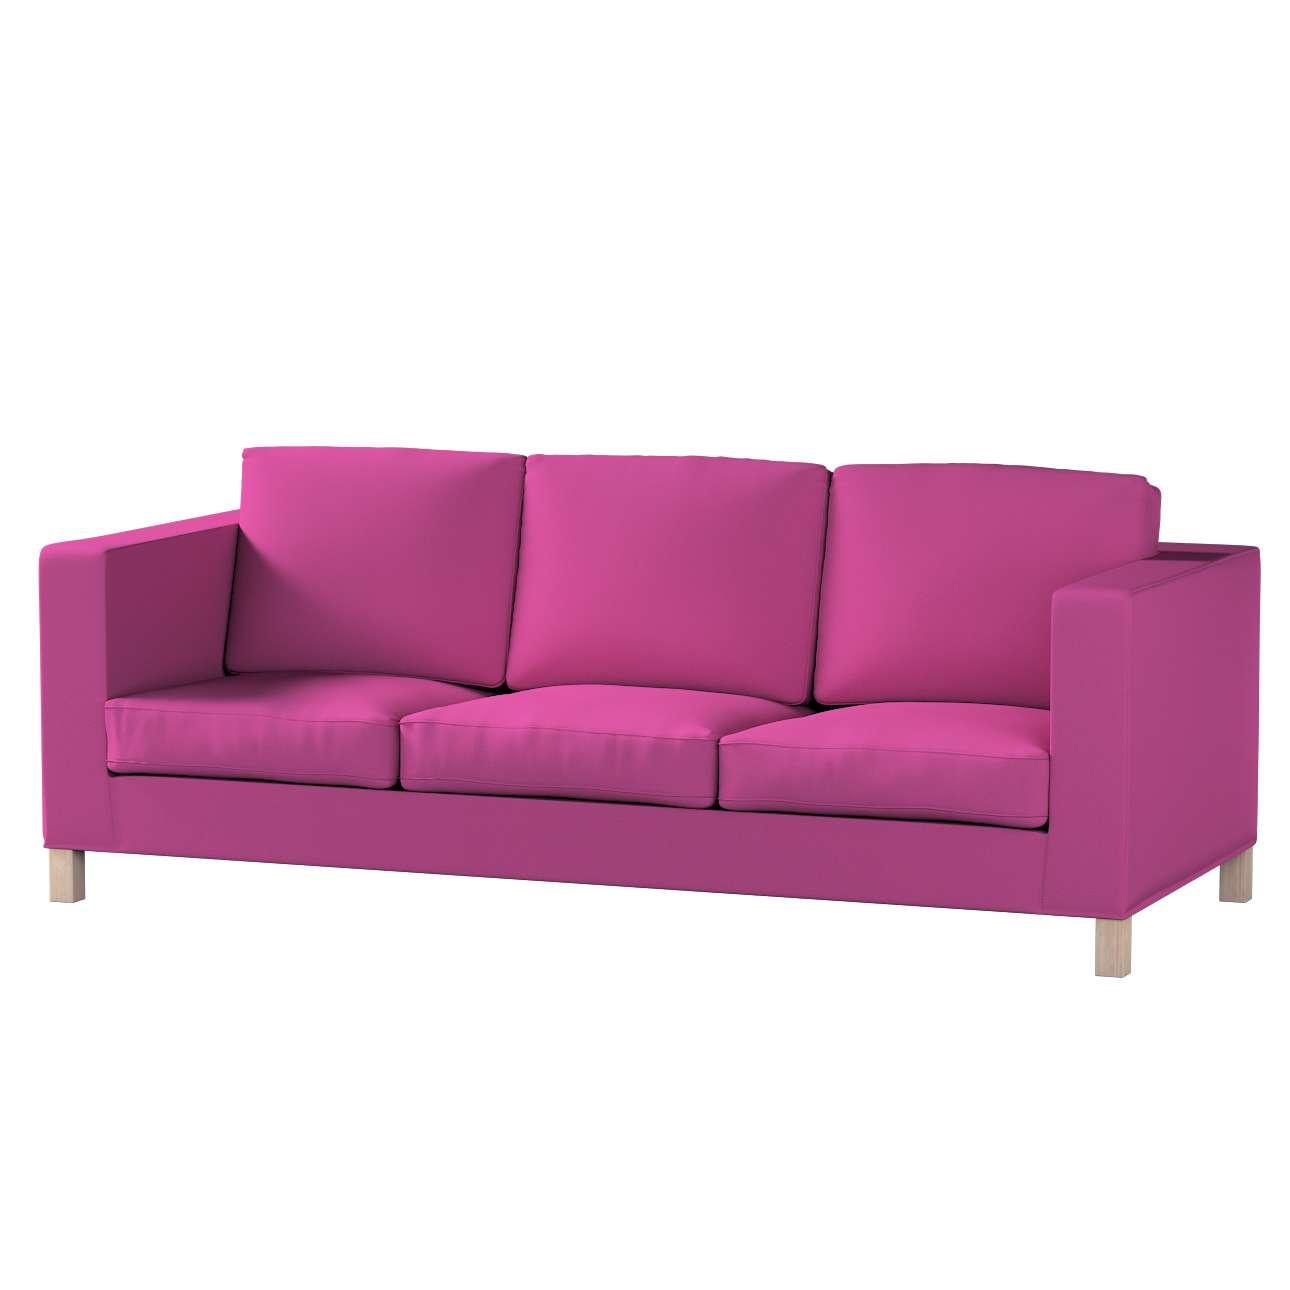 Pokrowiec na sofę Karlanda 3-osobową nierozkładaną, krótki w kolekcji Etna, tkanina: 705-23